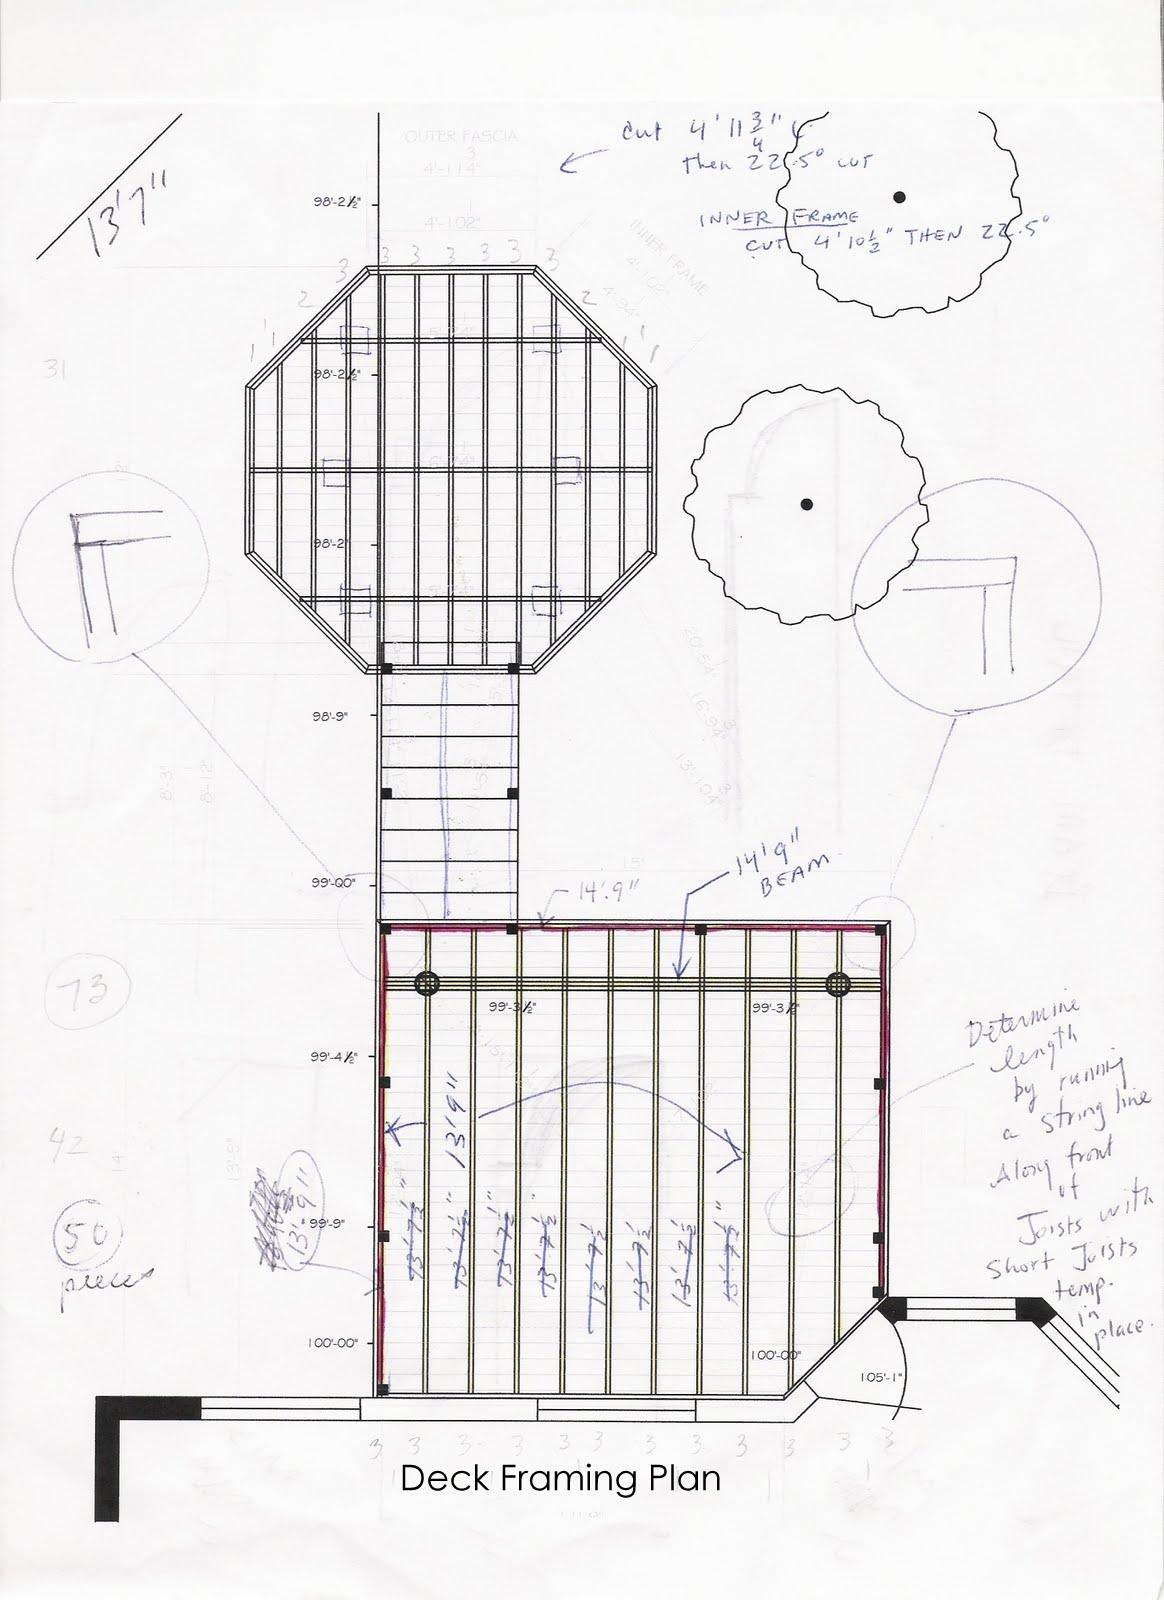 Designer_plan2